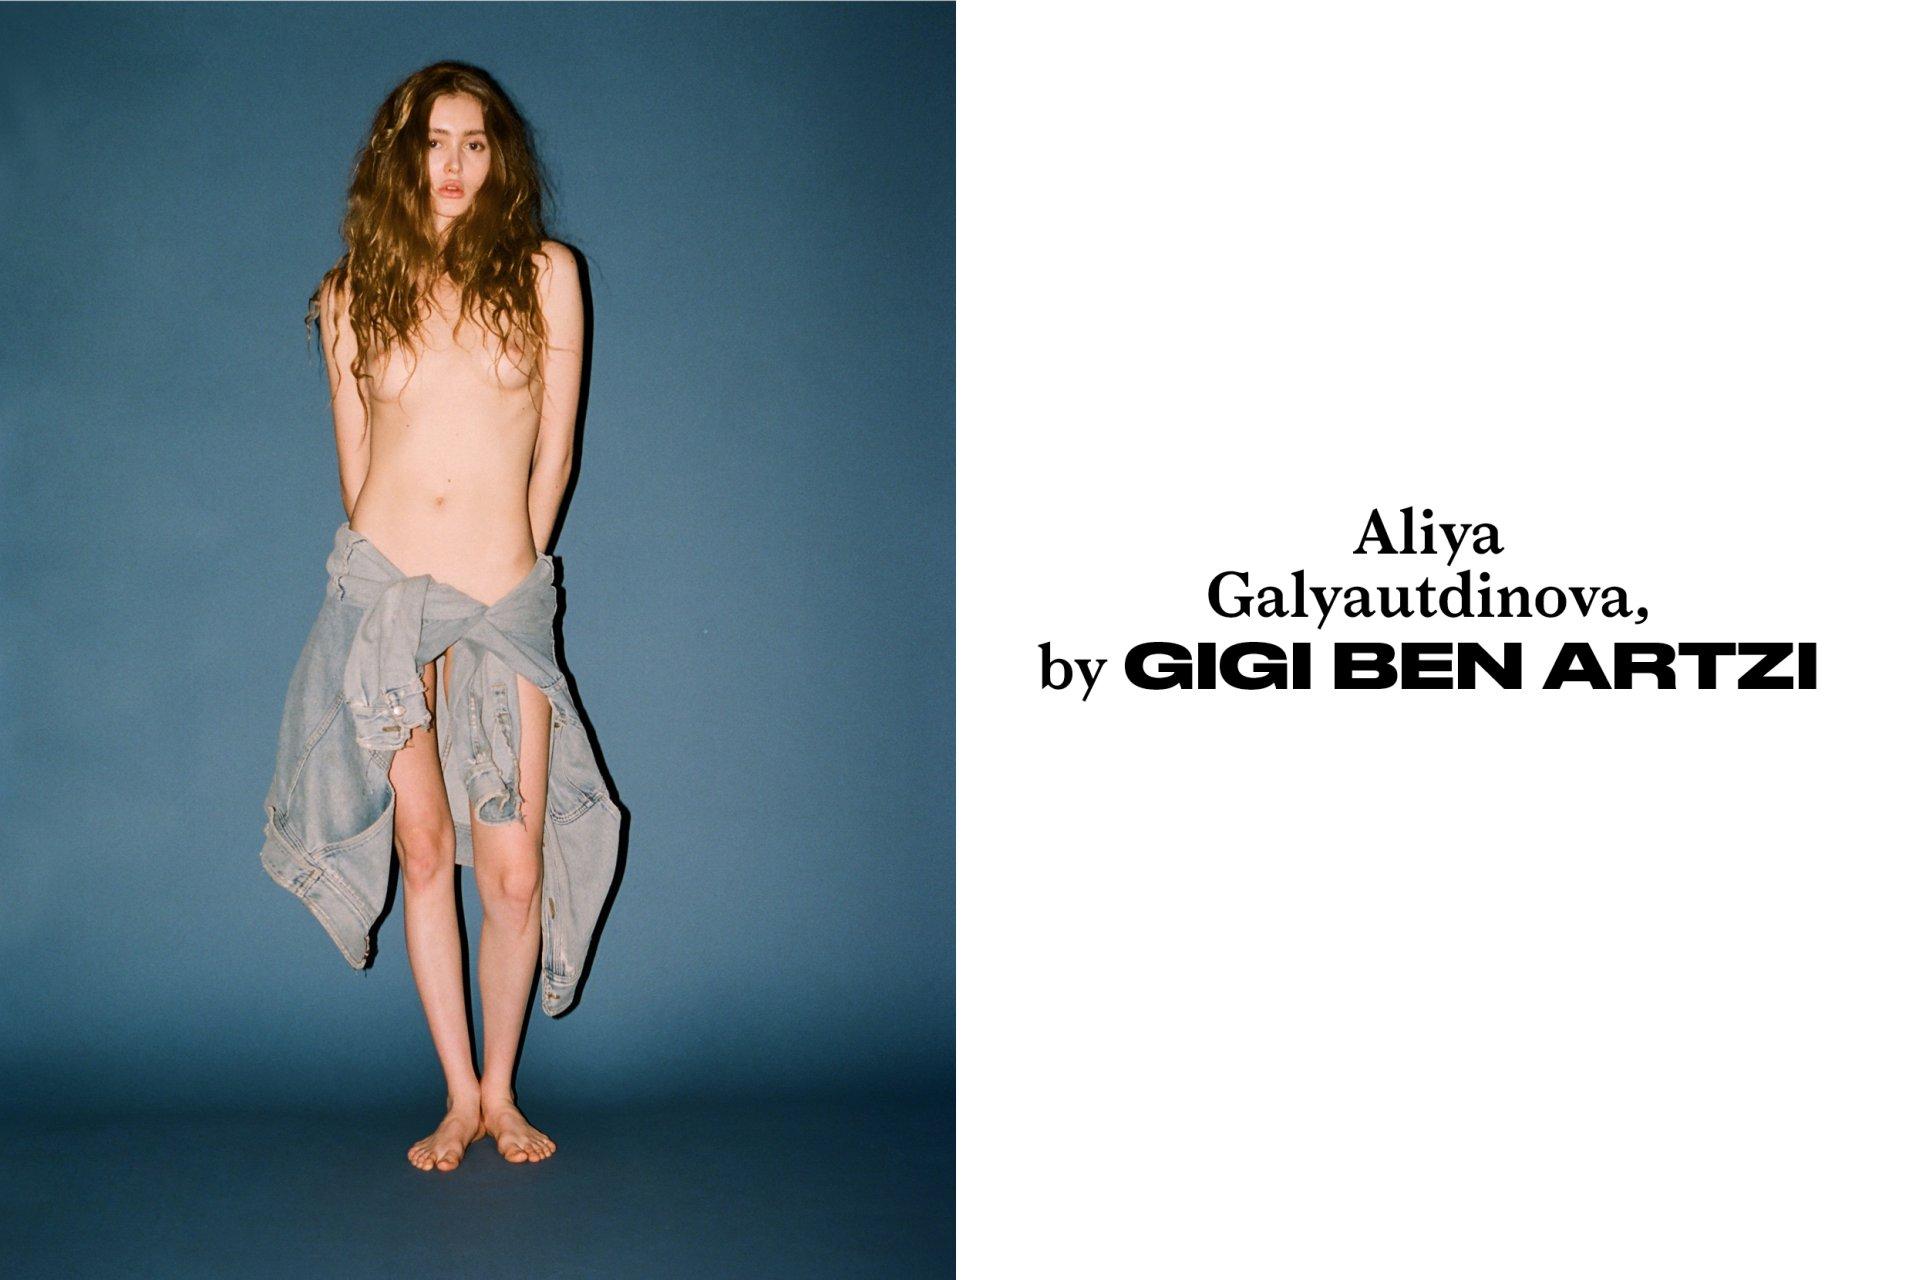 Porno Aliya Galyautdinova nudes (43 photo), Ass, Cleavage, Selfie, panties 2018